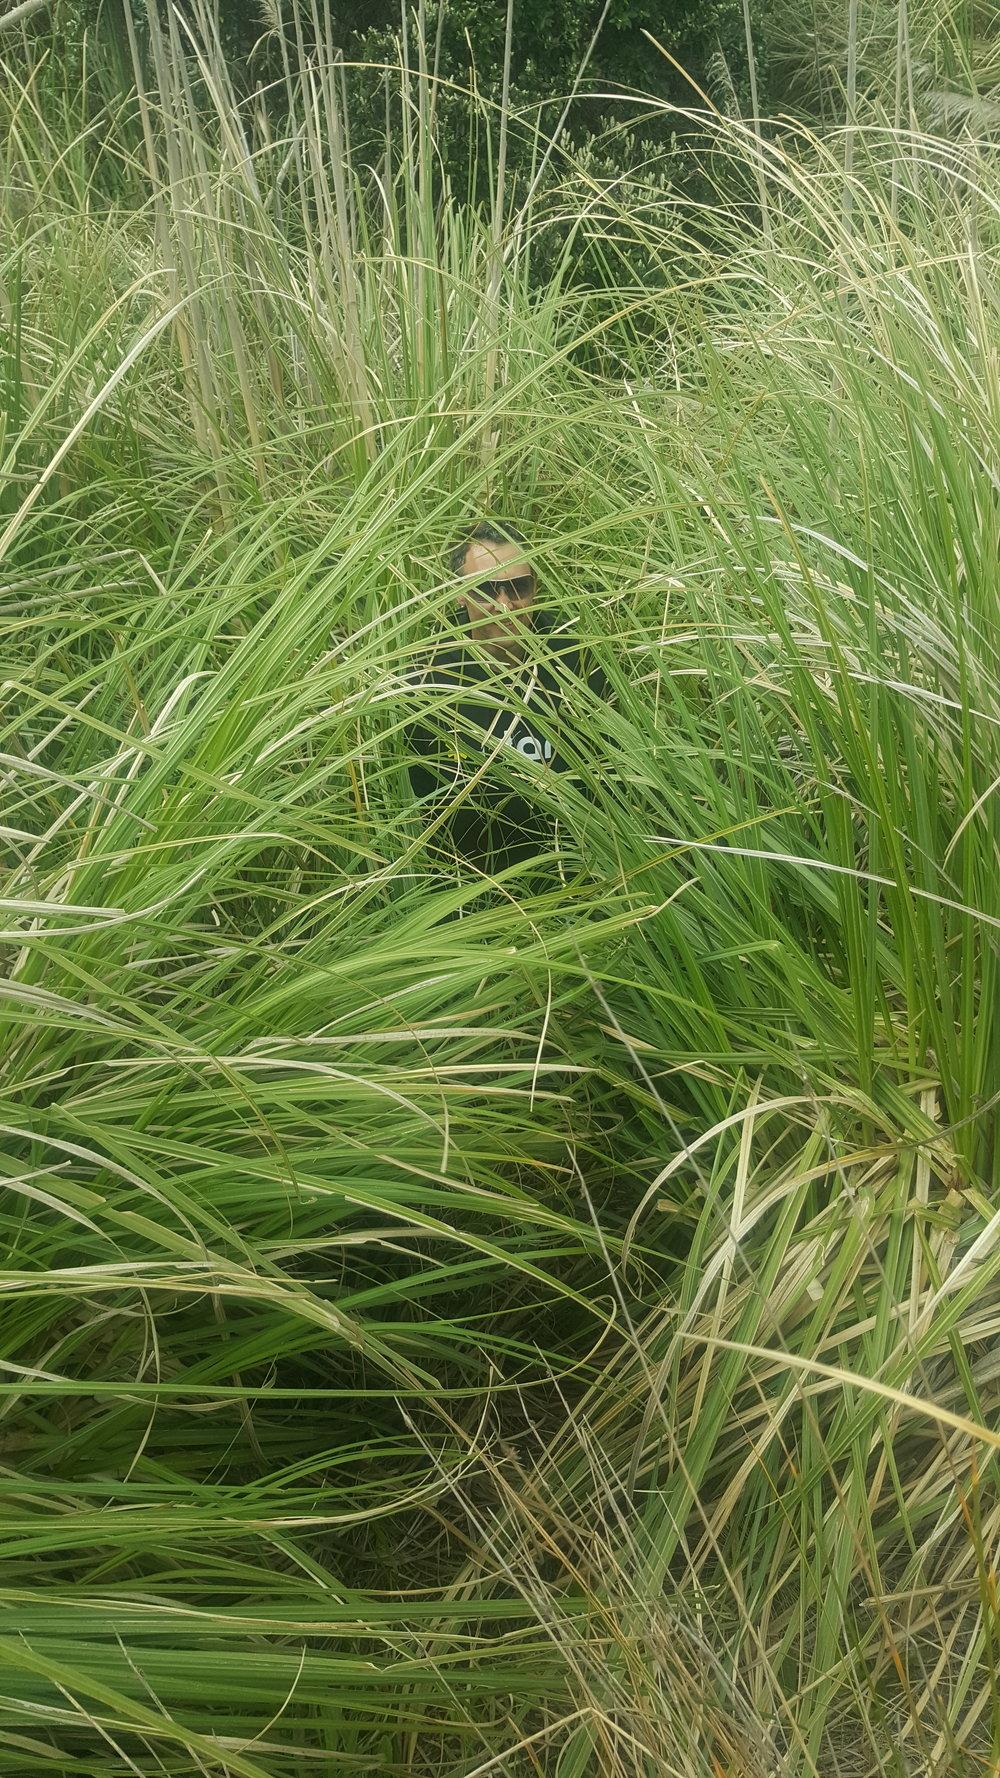 Tall, tall grasses.